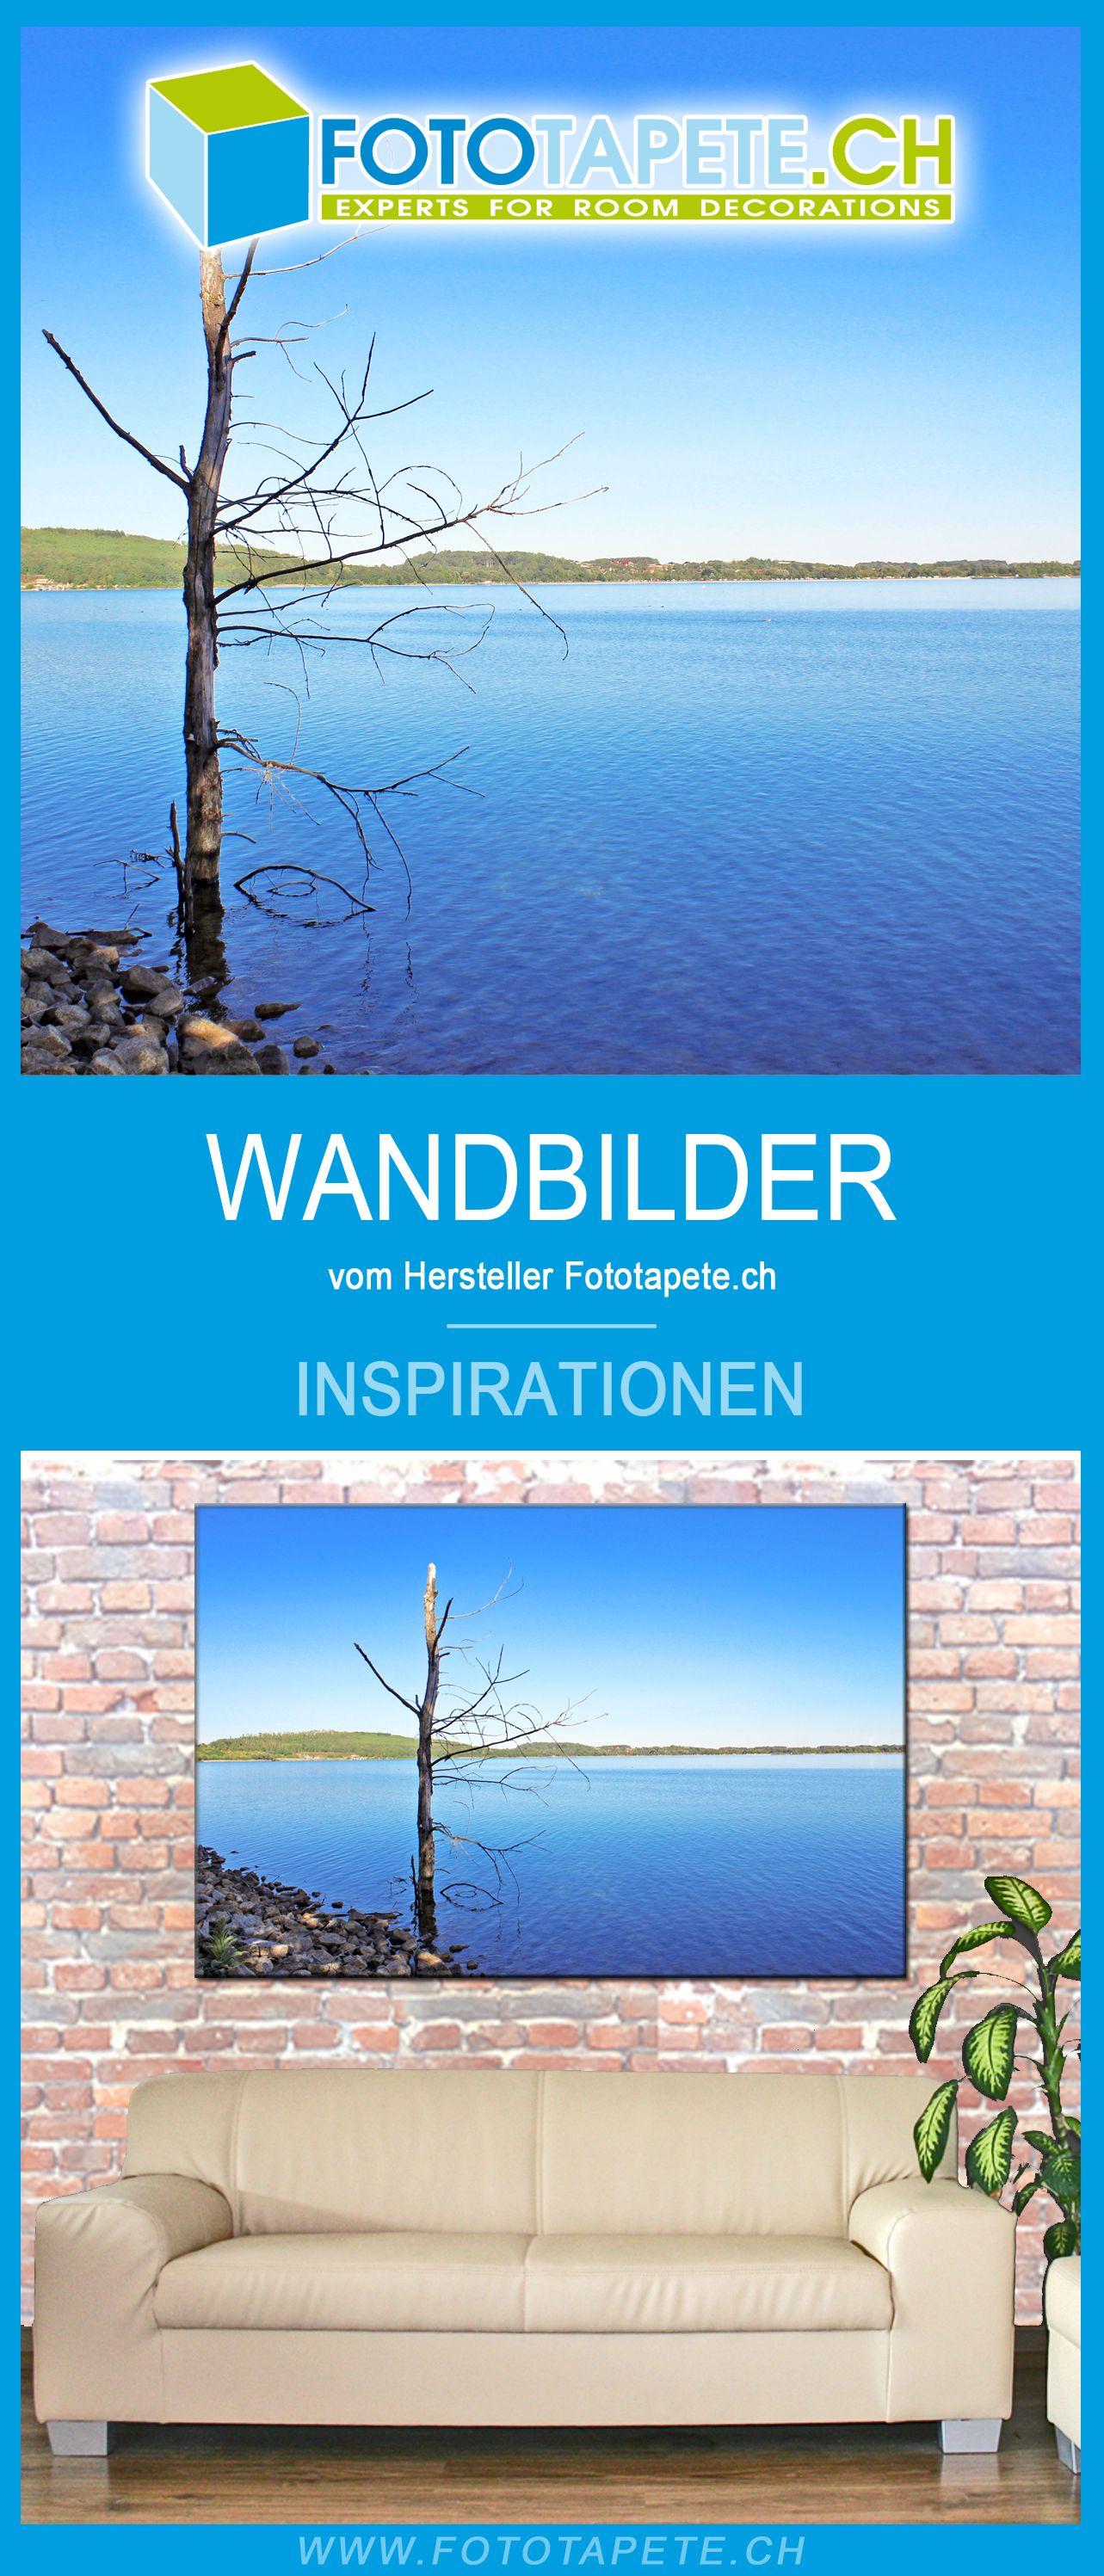 inspirationen fur s zuhause wandbilder auf leinwand oder poster die wandgestaltung fotoleinwand bilder foto als preisvergleich